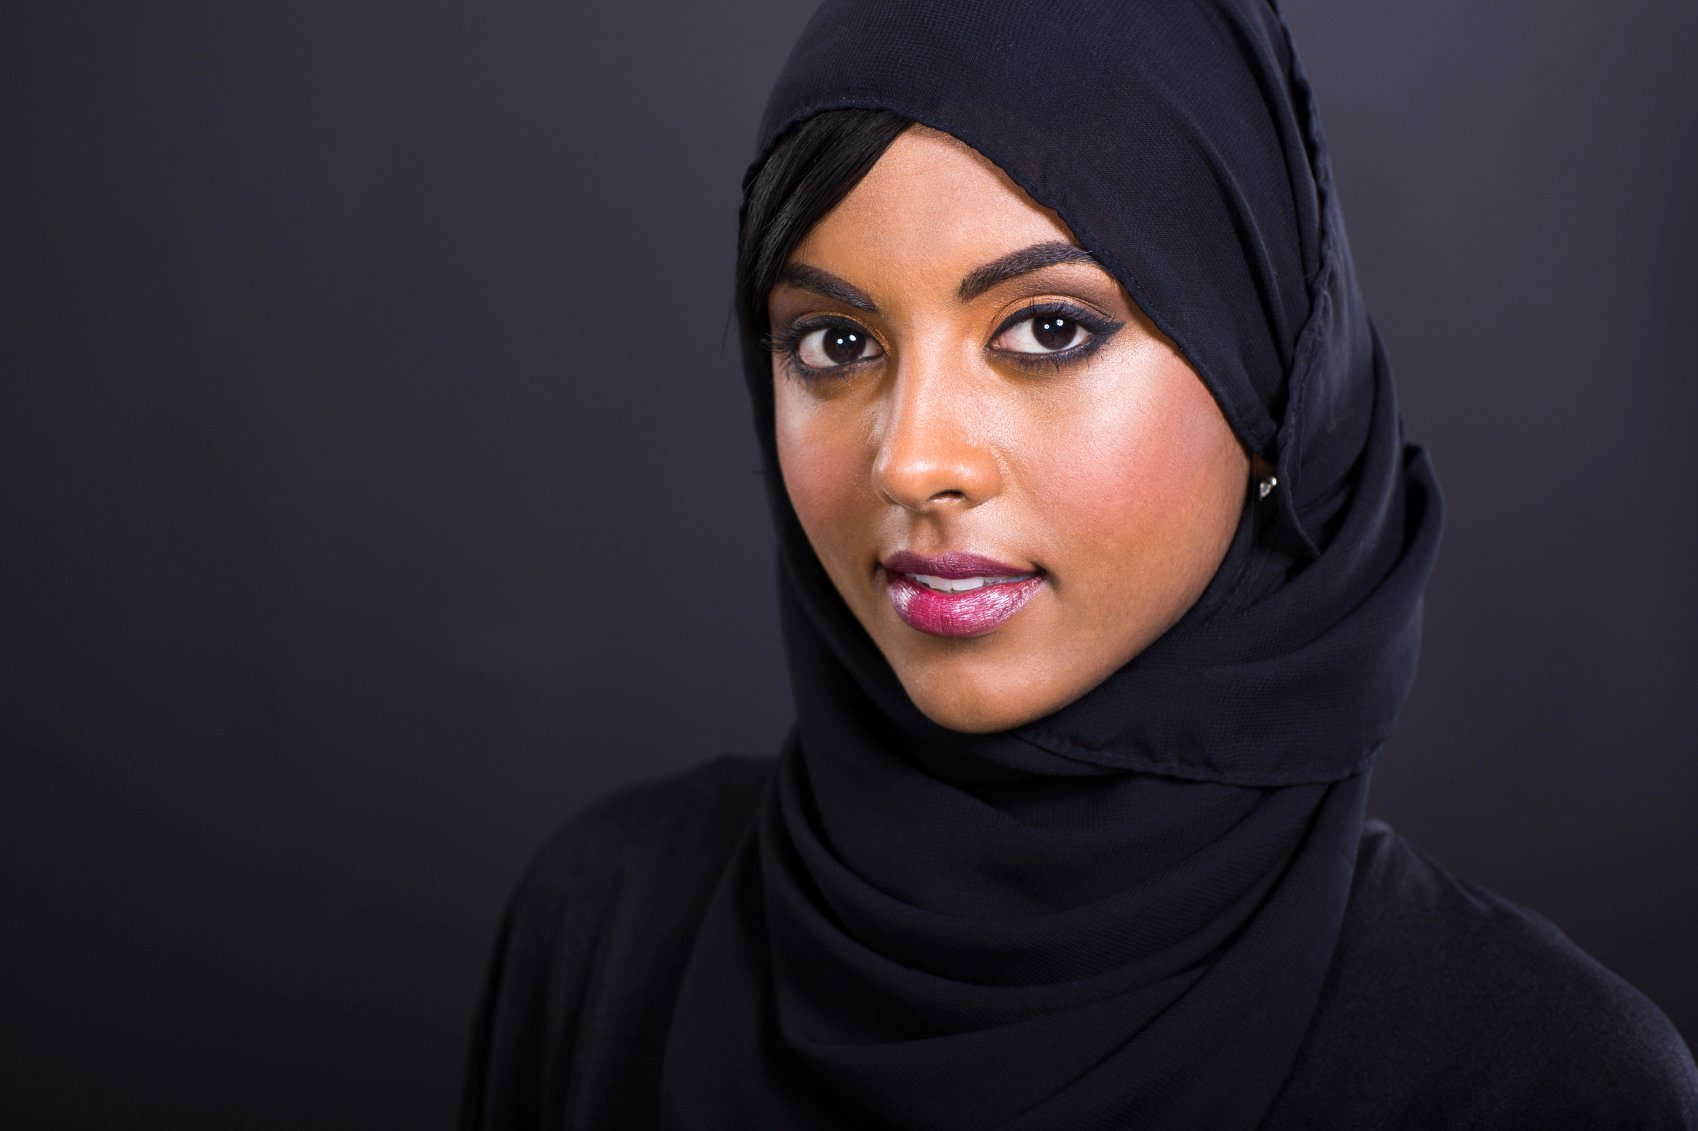 hijab chicks fucking each pics